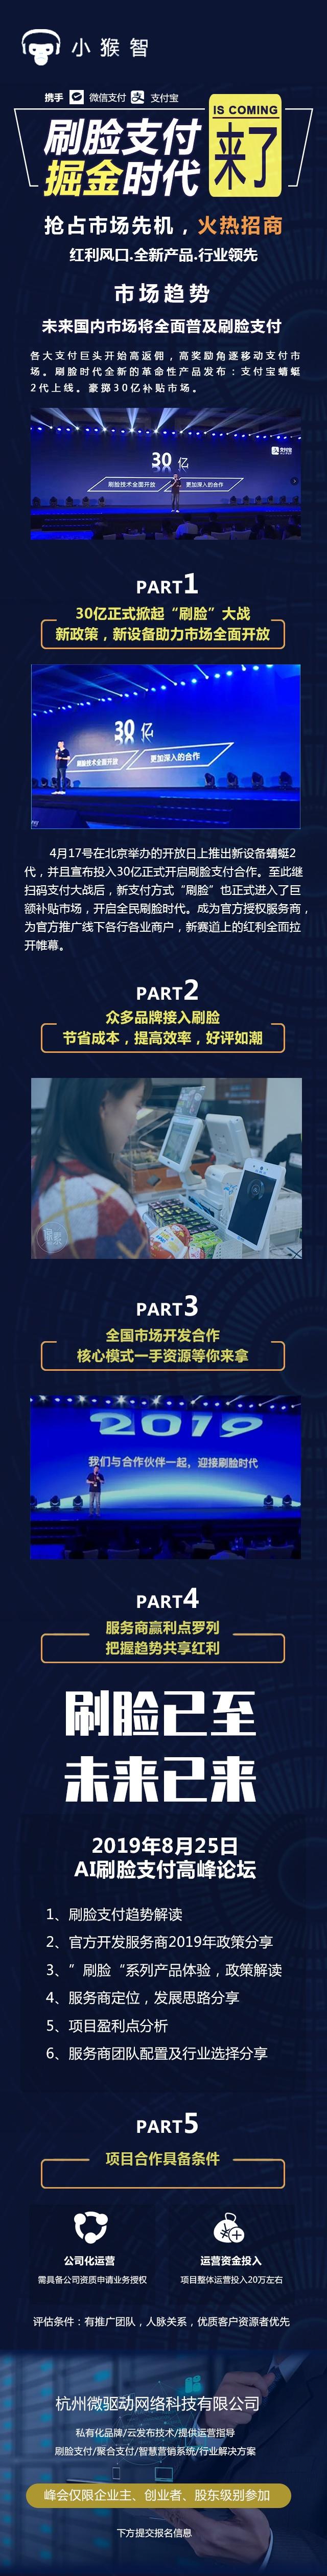 http://www.110tao.com/dianshangyunying/87940.html